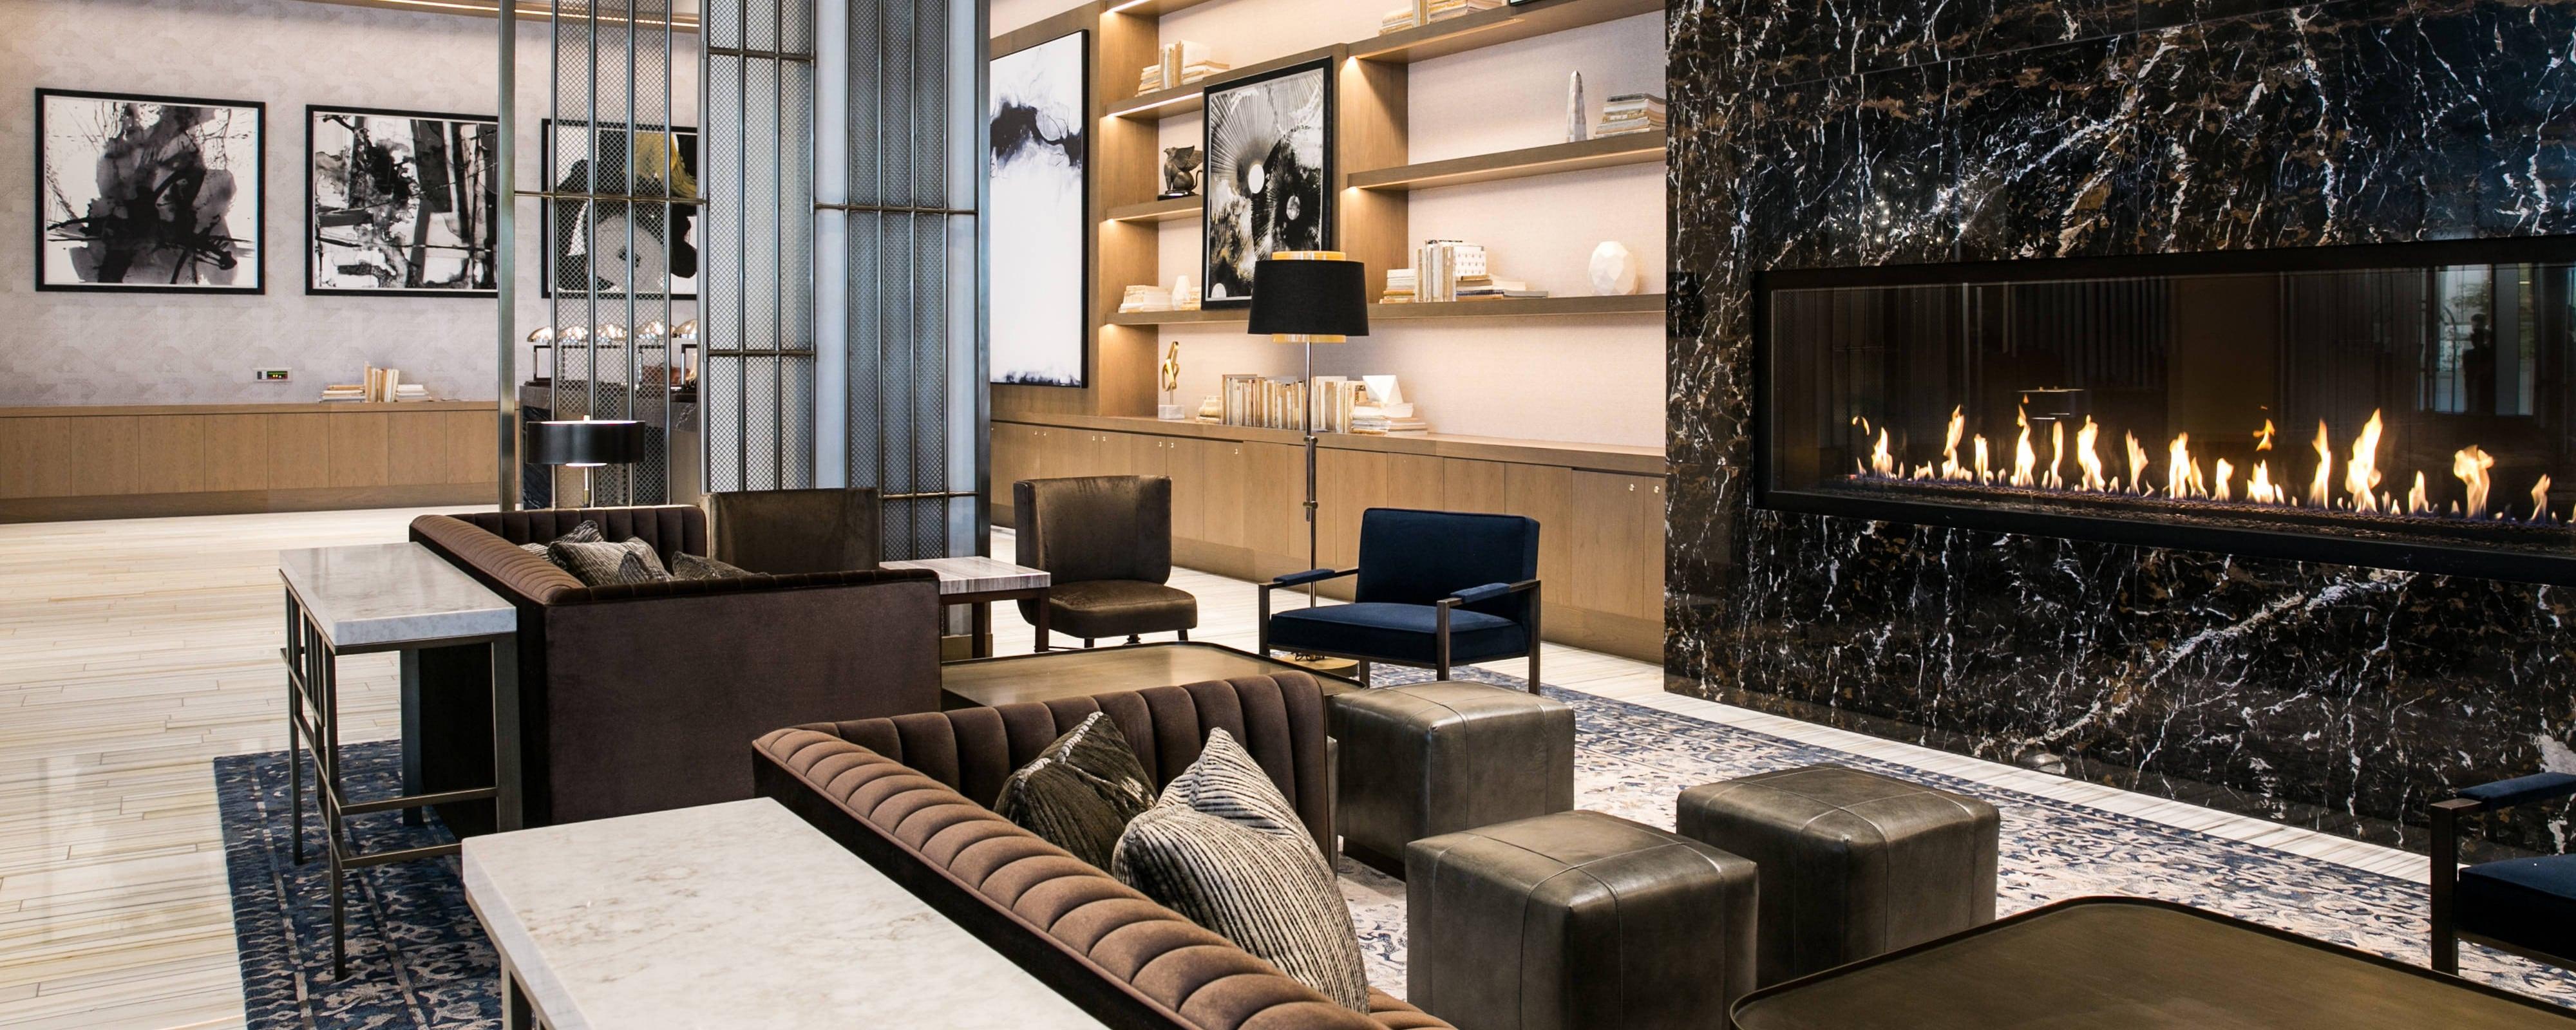 Luxury Downtown Nashville Hotels | JW Marriott Nashville